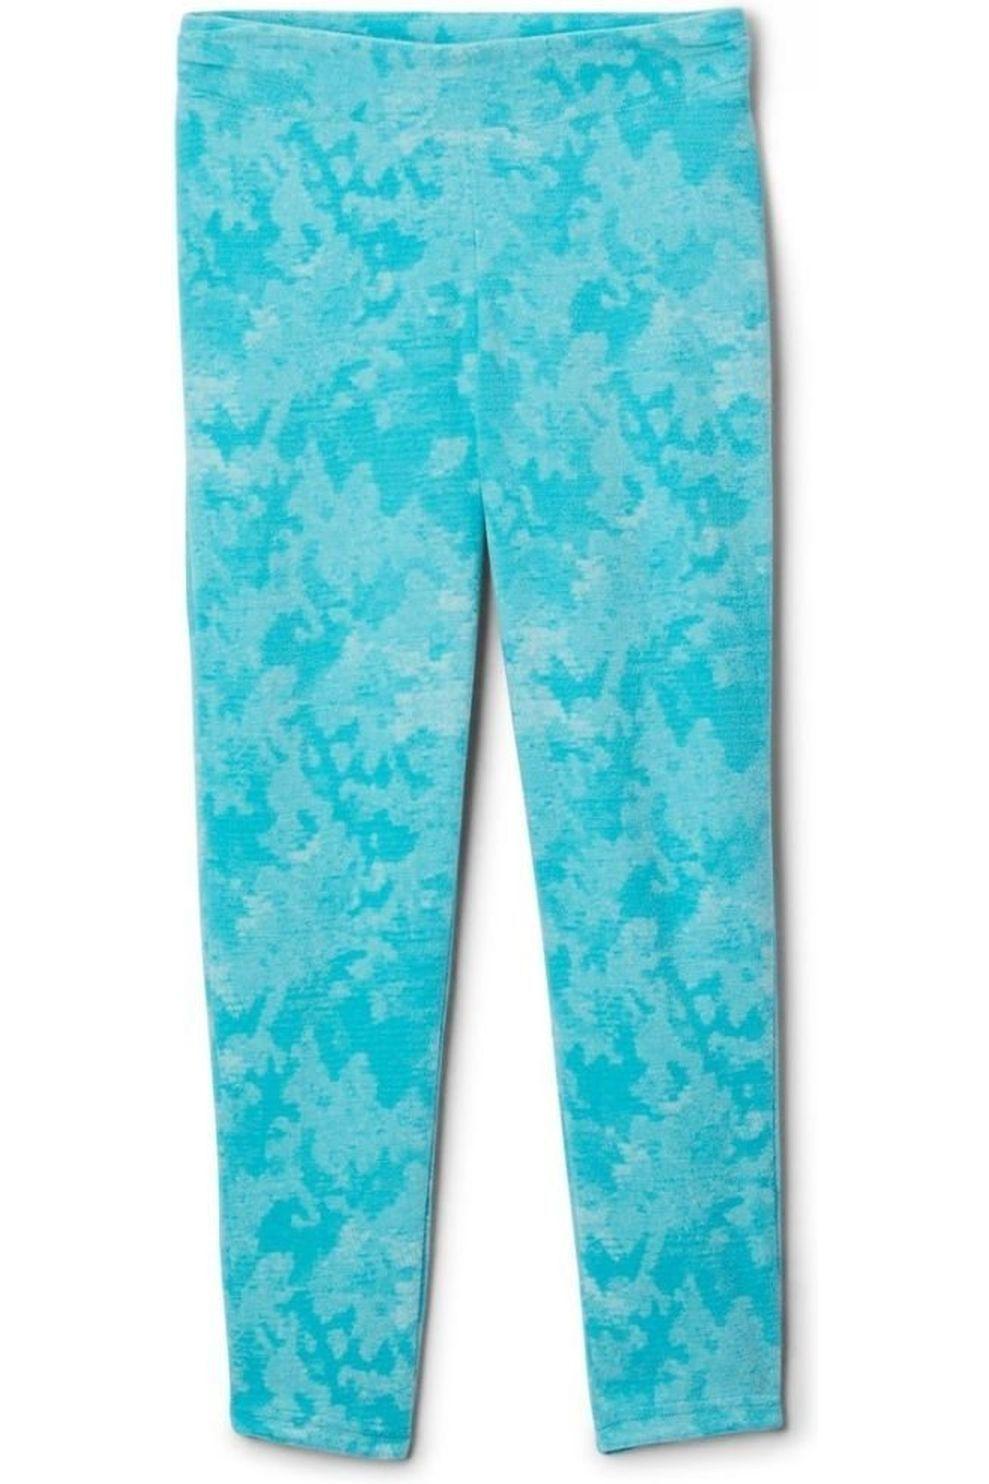 Columbia Broek Glacial Printed voor meisjes - Blauw - Maat: 128